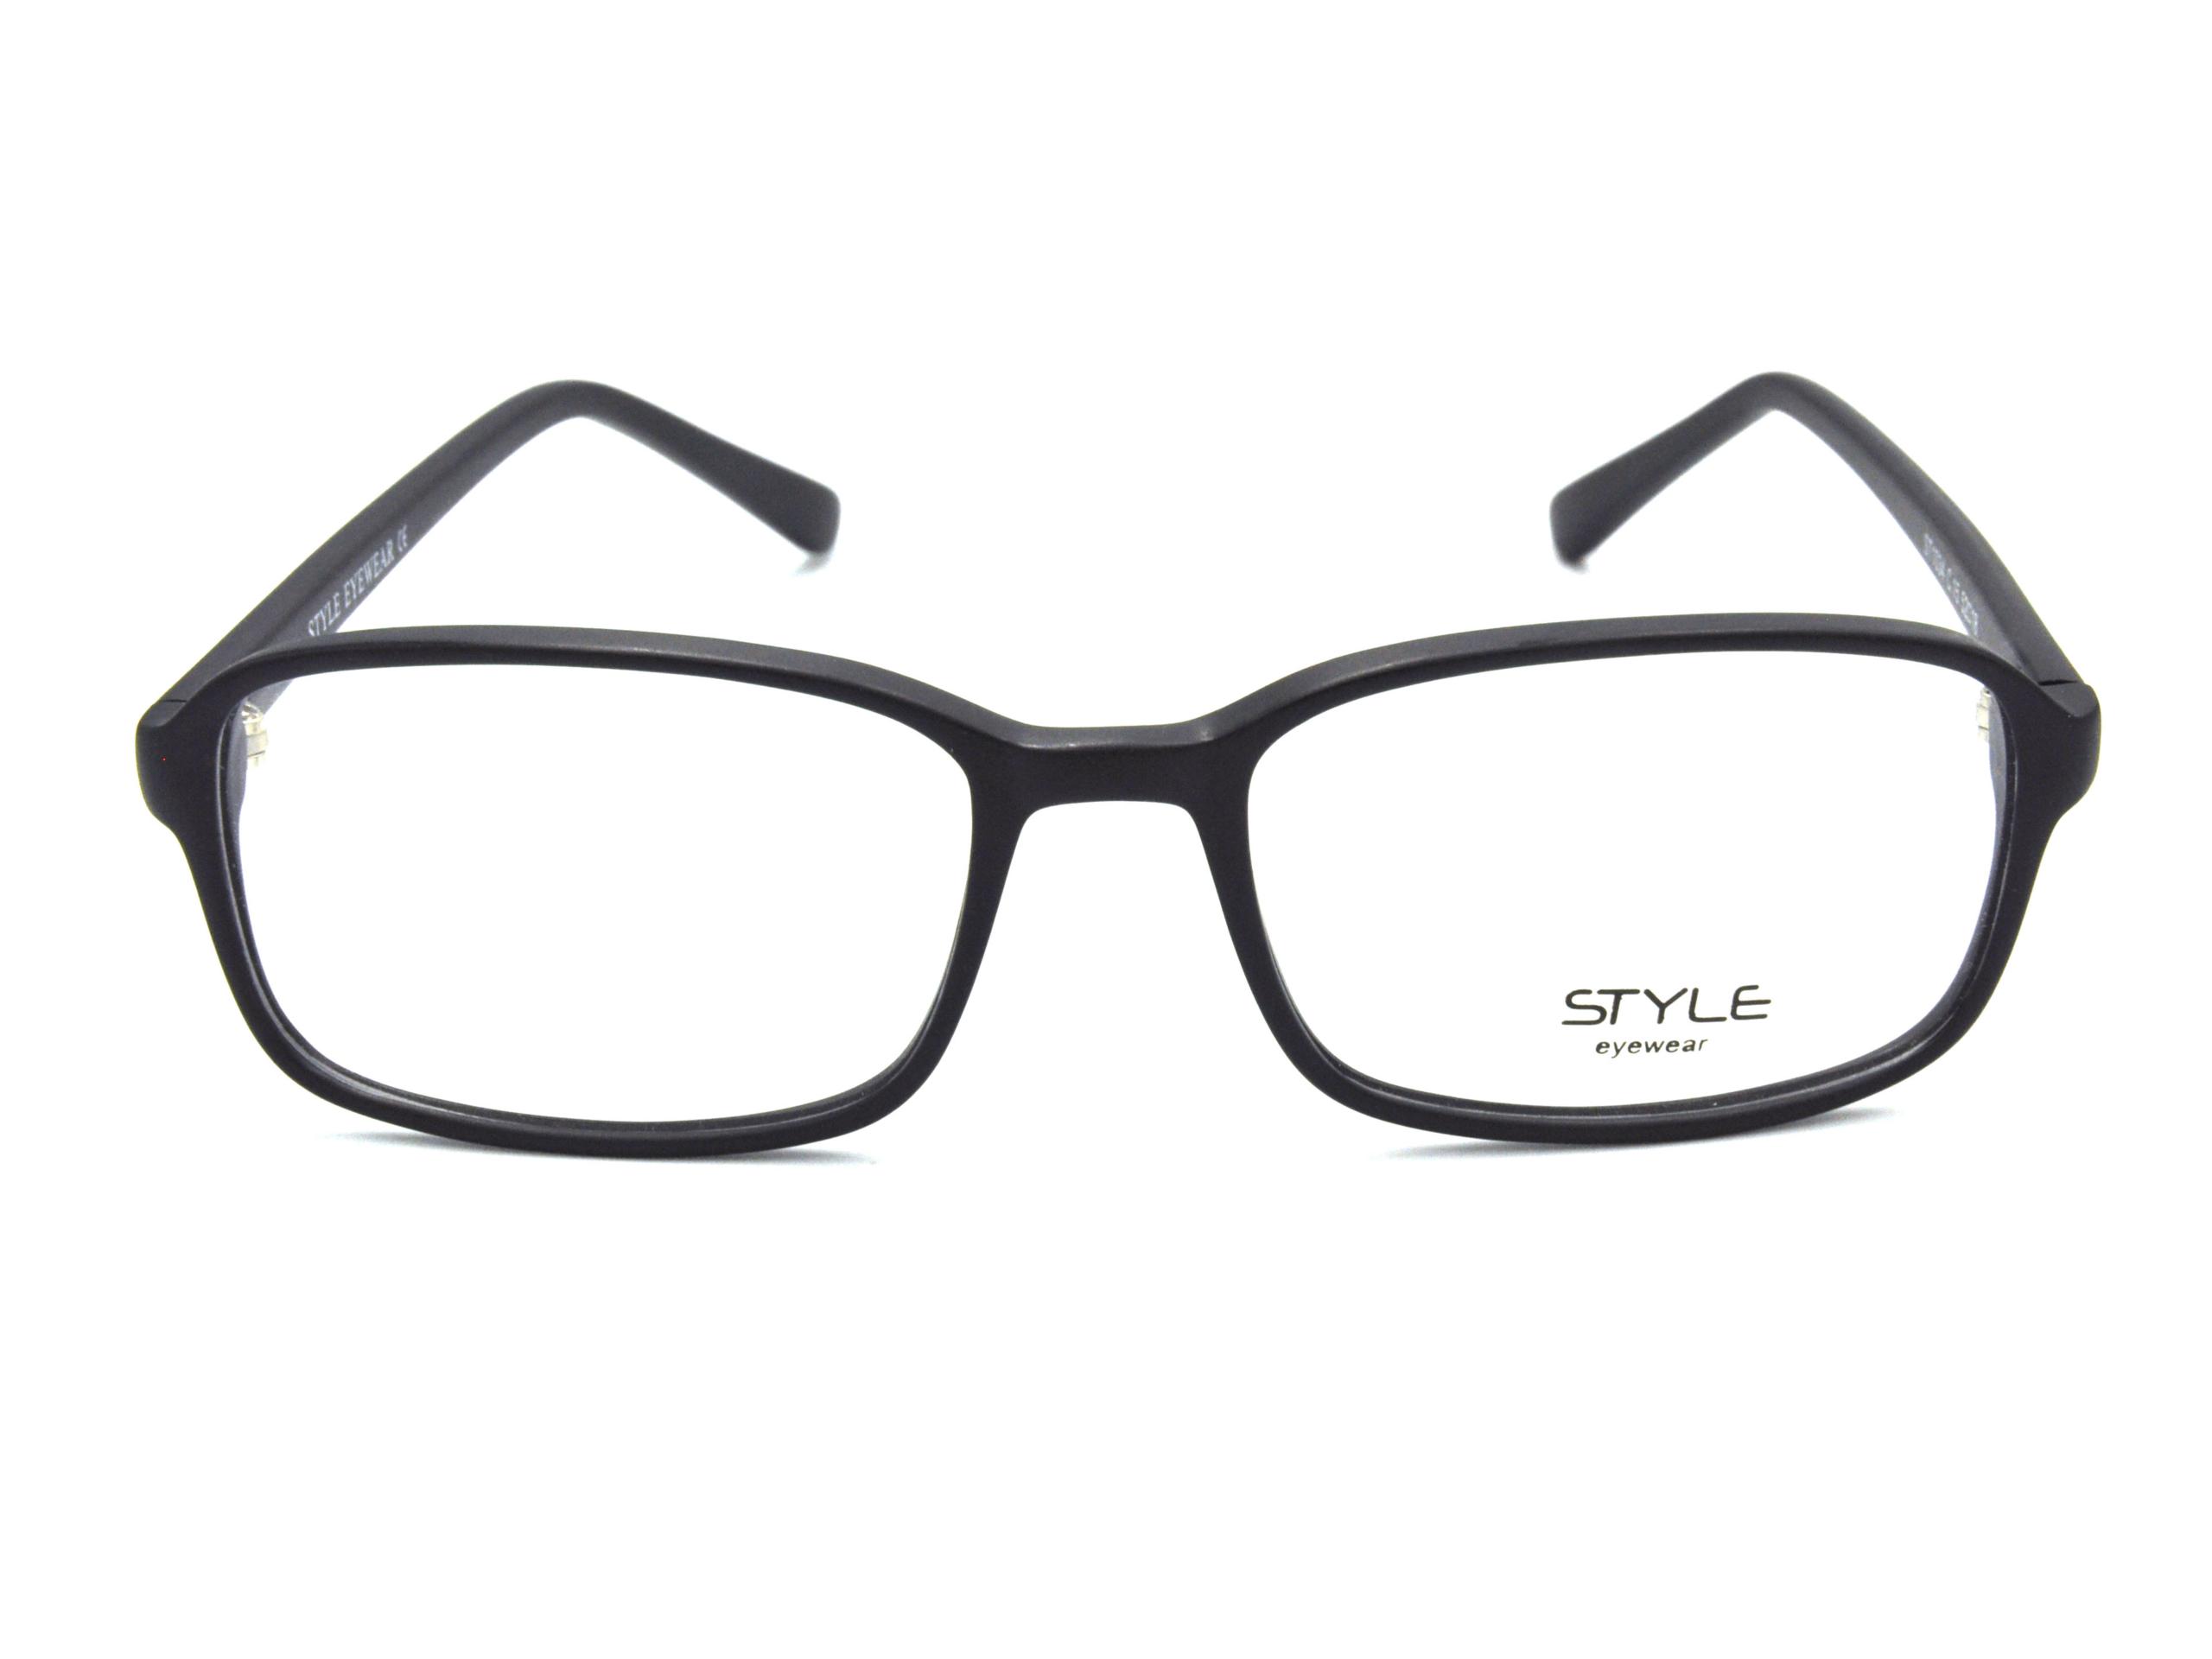 Γυαλιά οράσεως STYLE ST1034 C15 52-18-140 Πειραιάς